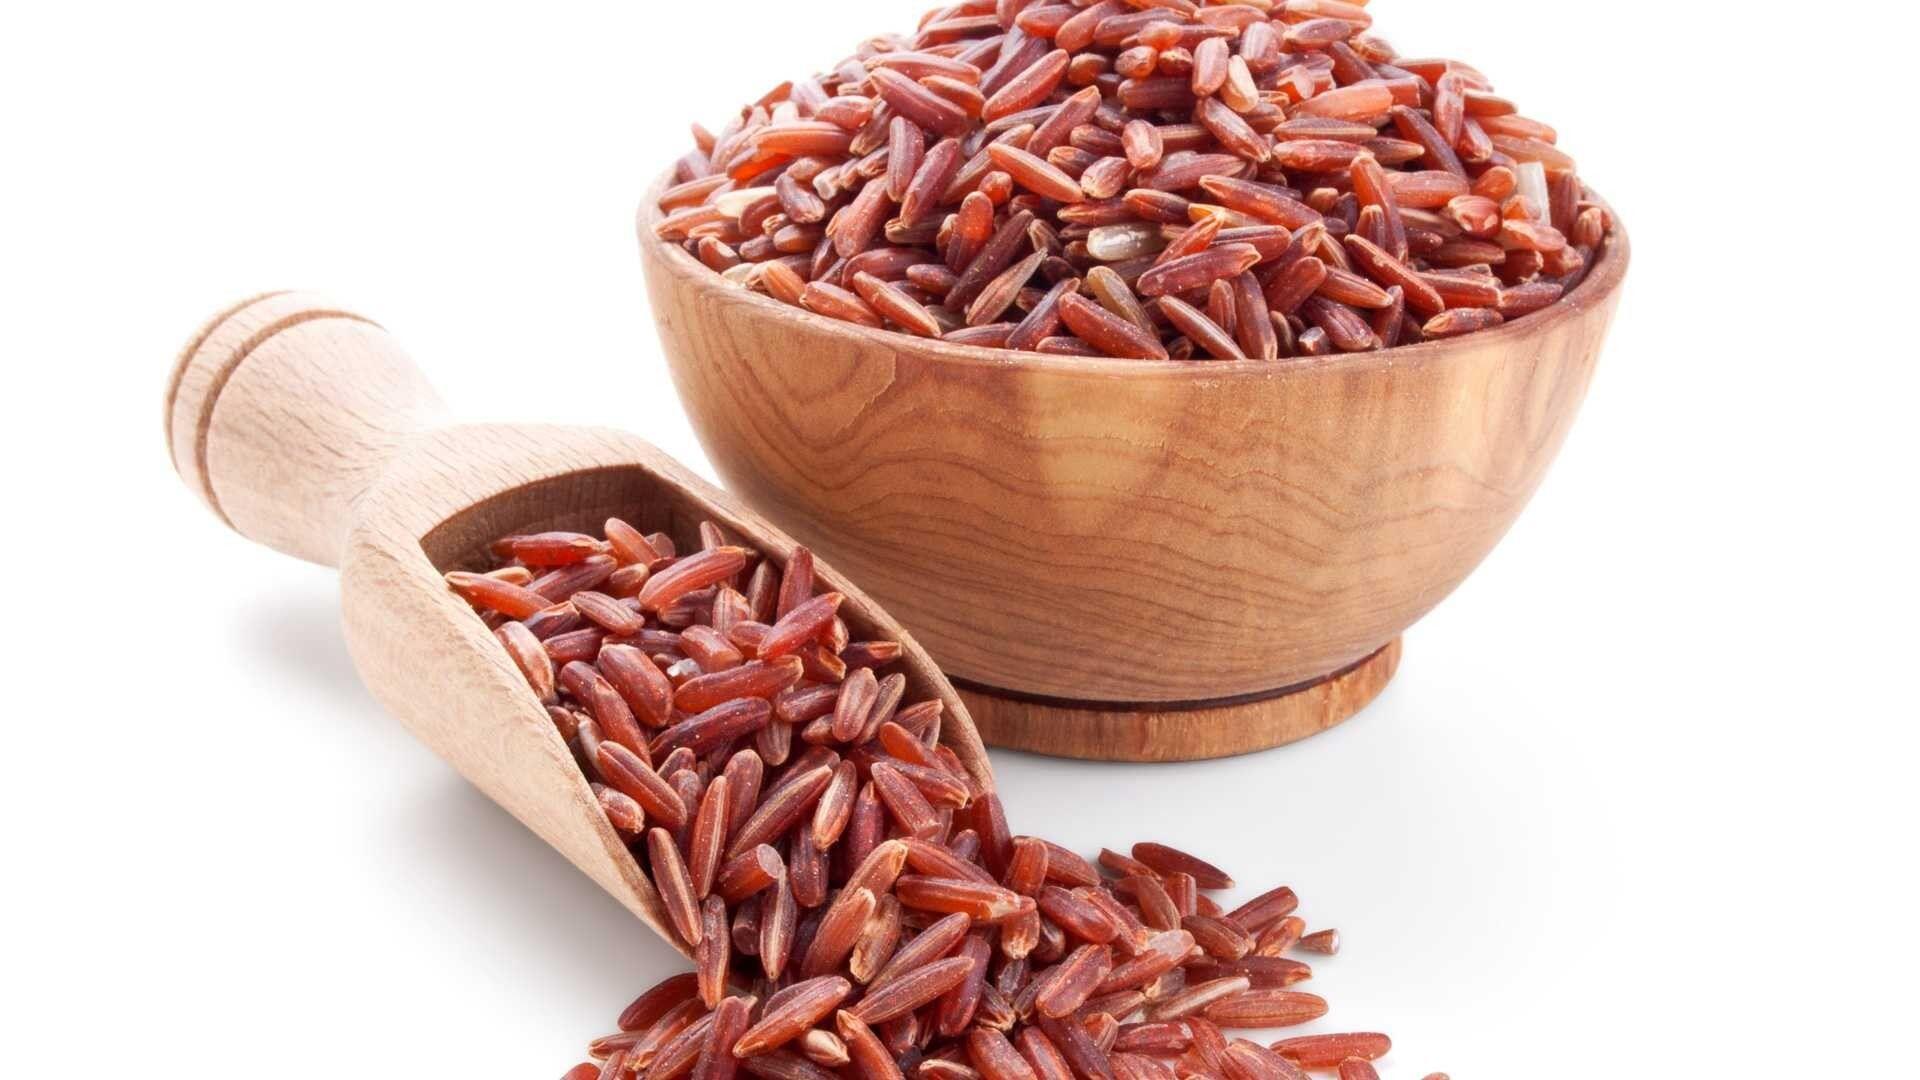 7 Makanan Sehat yang Baik Dikonsumsi Saat Sahur, Stamina Fit Terus